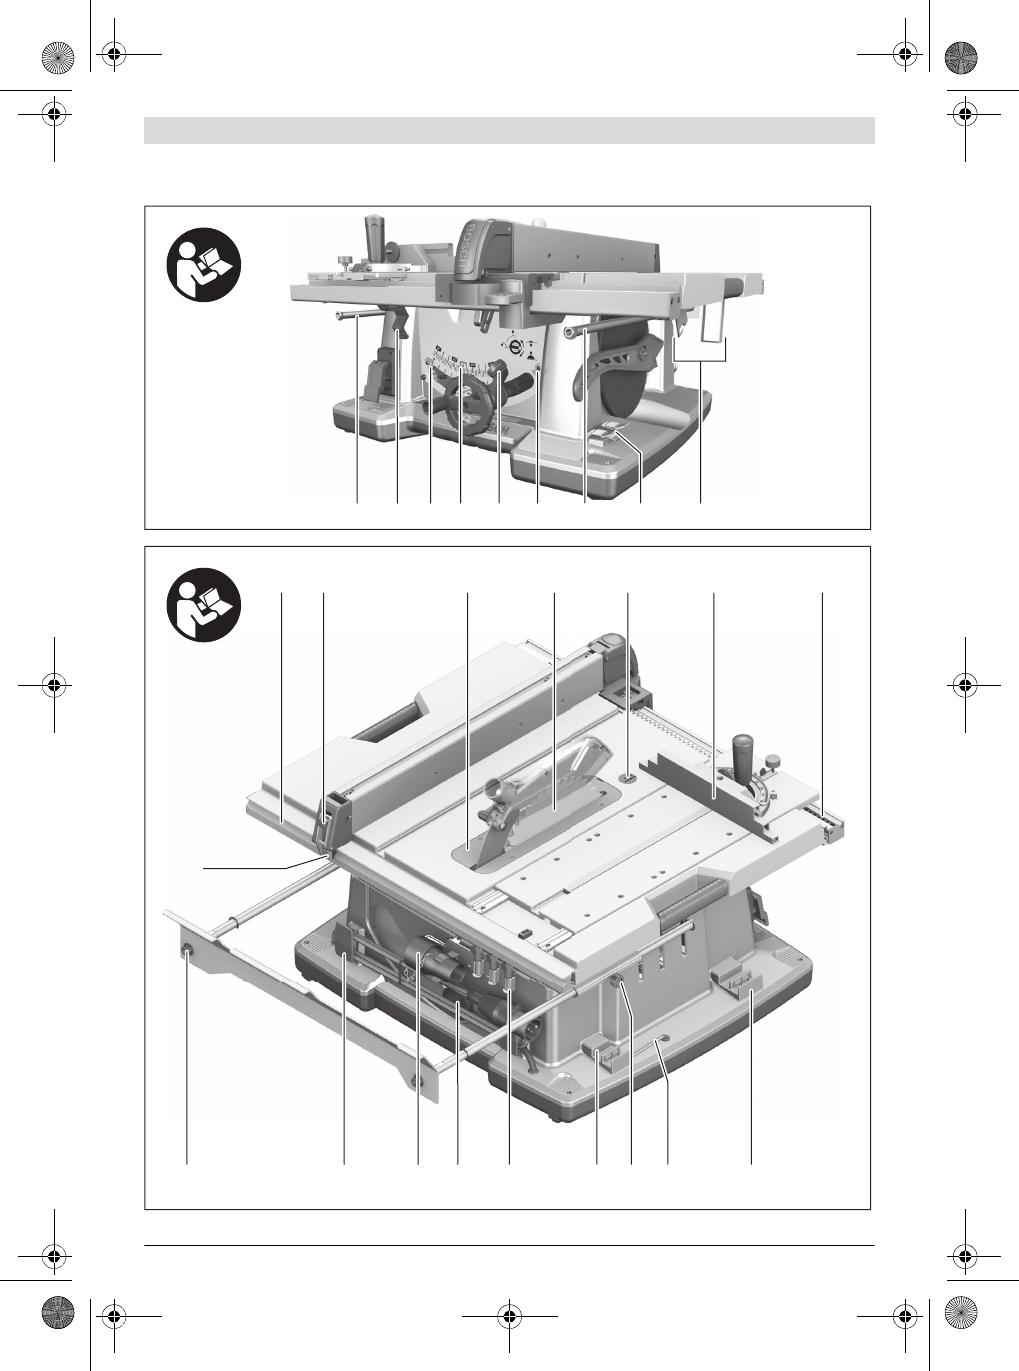 bedienungsanleitung bosch gts 10 xc professional seite 4 von 421 d nisch deutsch englisch. Black Bedroom Furniture Sets. Home Design Ideas